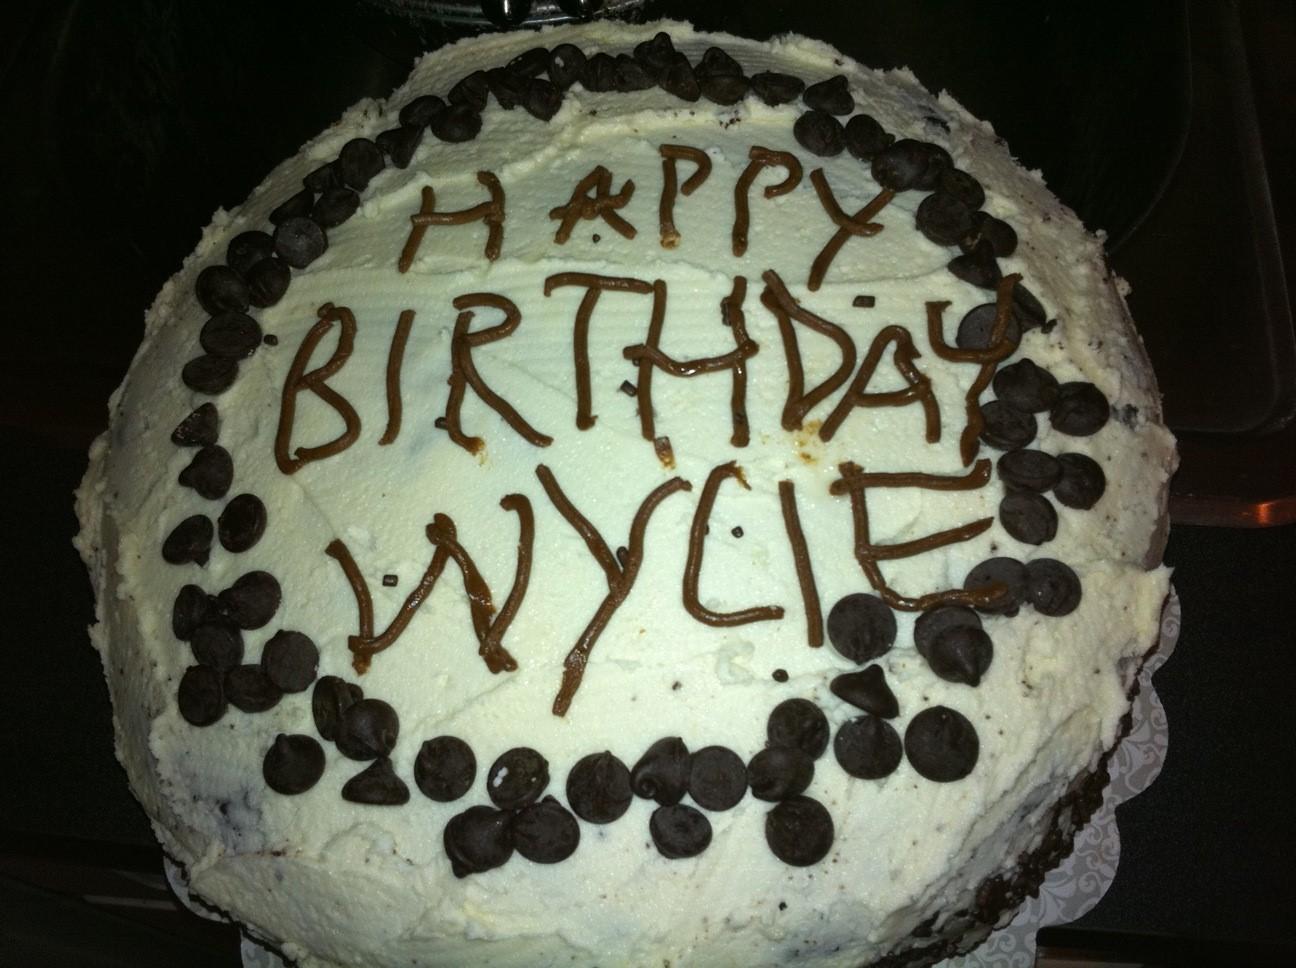 Birthday Cake For Wylie